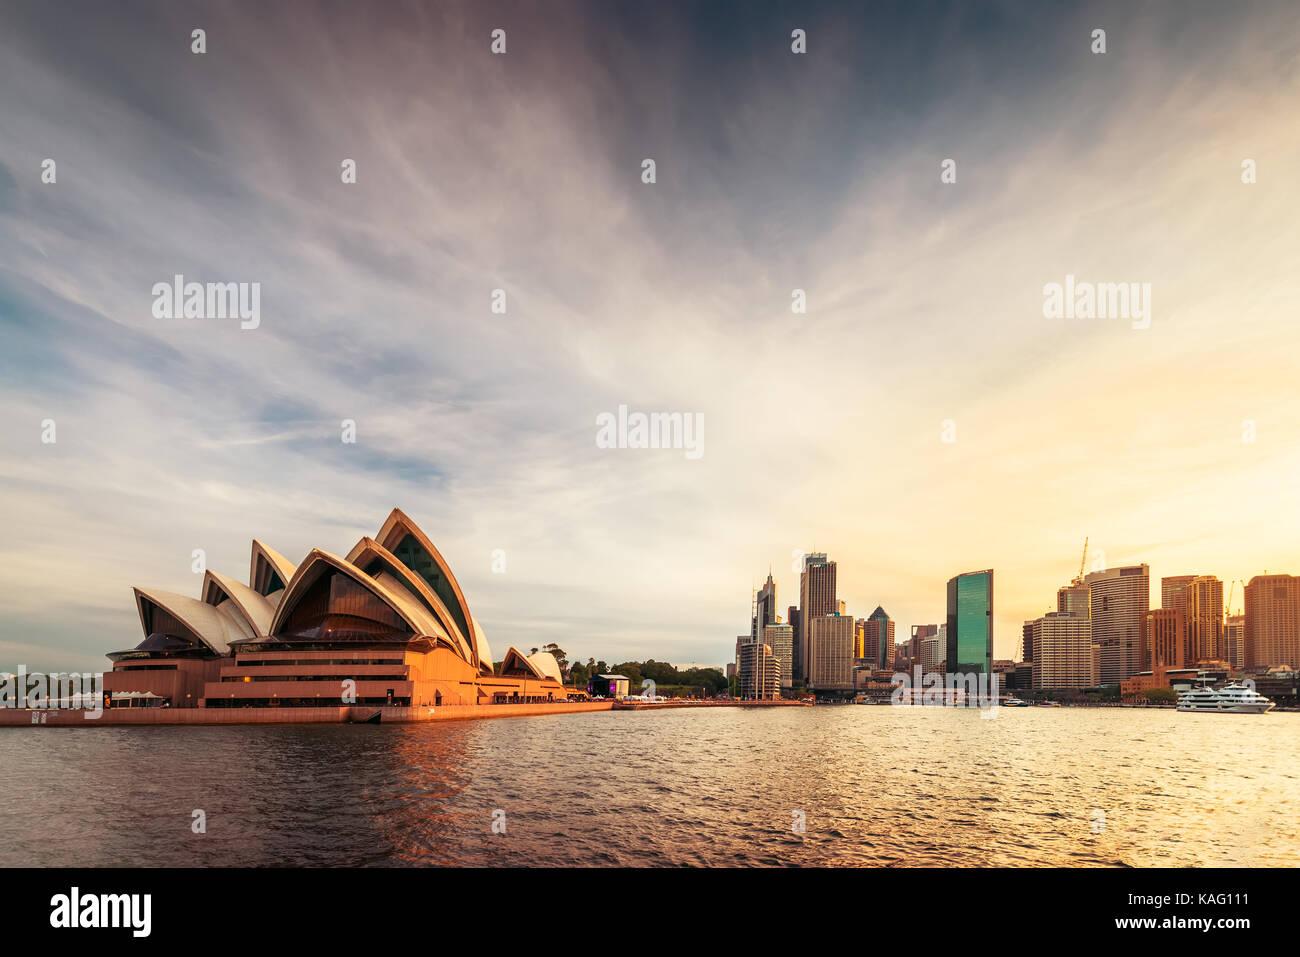 Sydney, Australia - 10 novembre 2015: Opera House di Sydney dello skyline della città al tramonto. vista dal traghetto Foto Stock